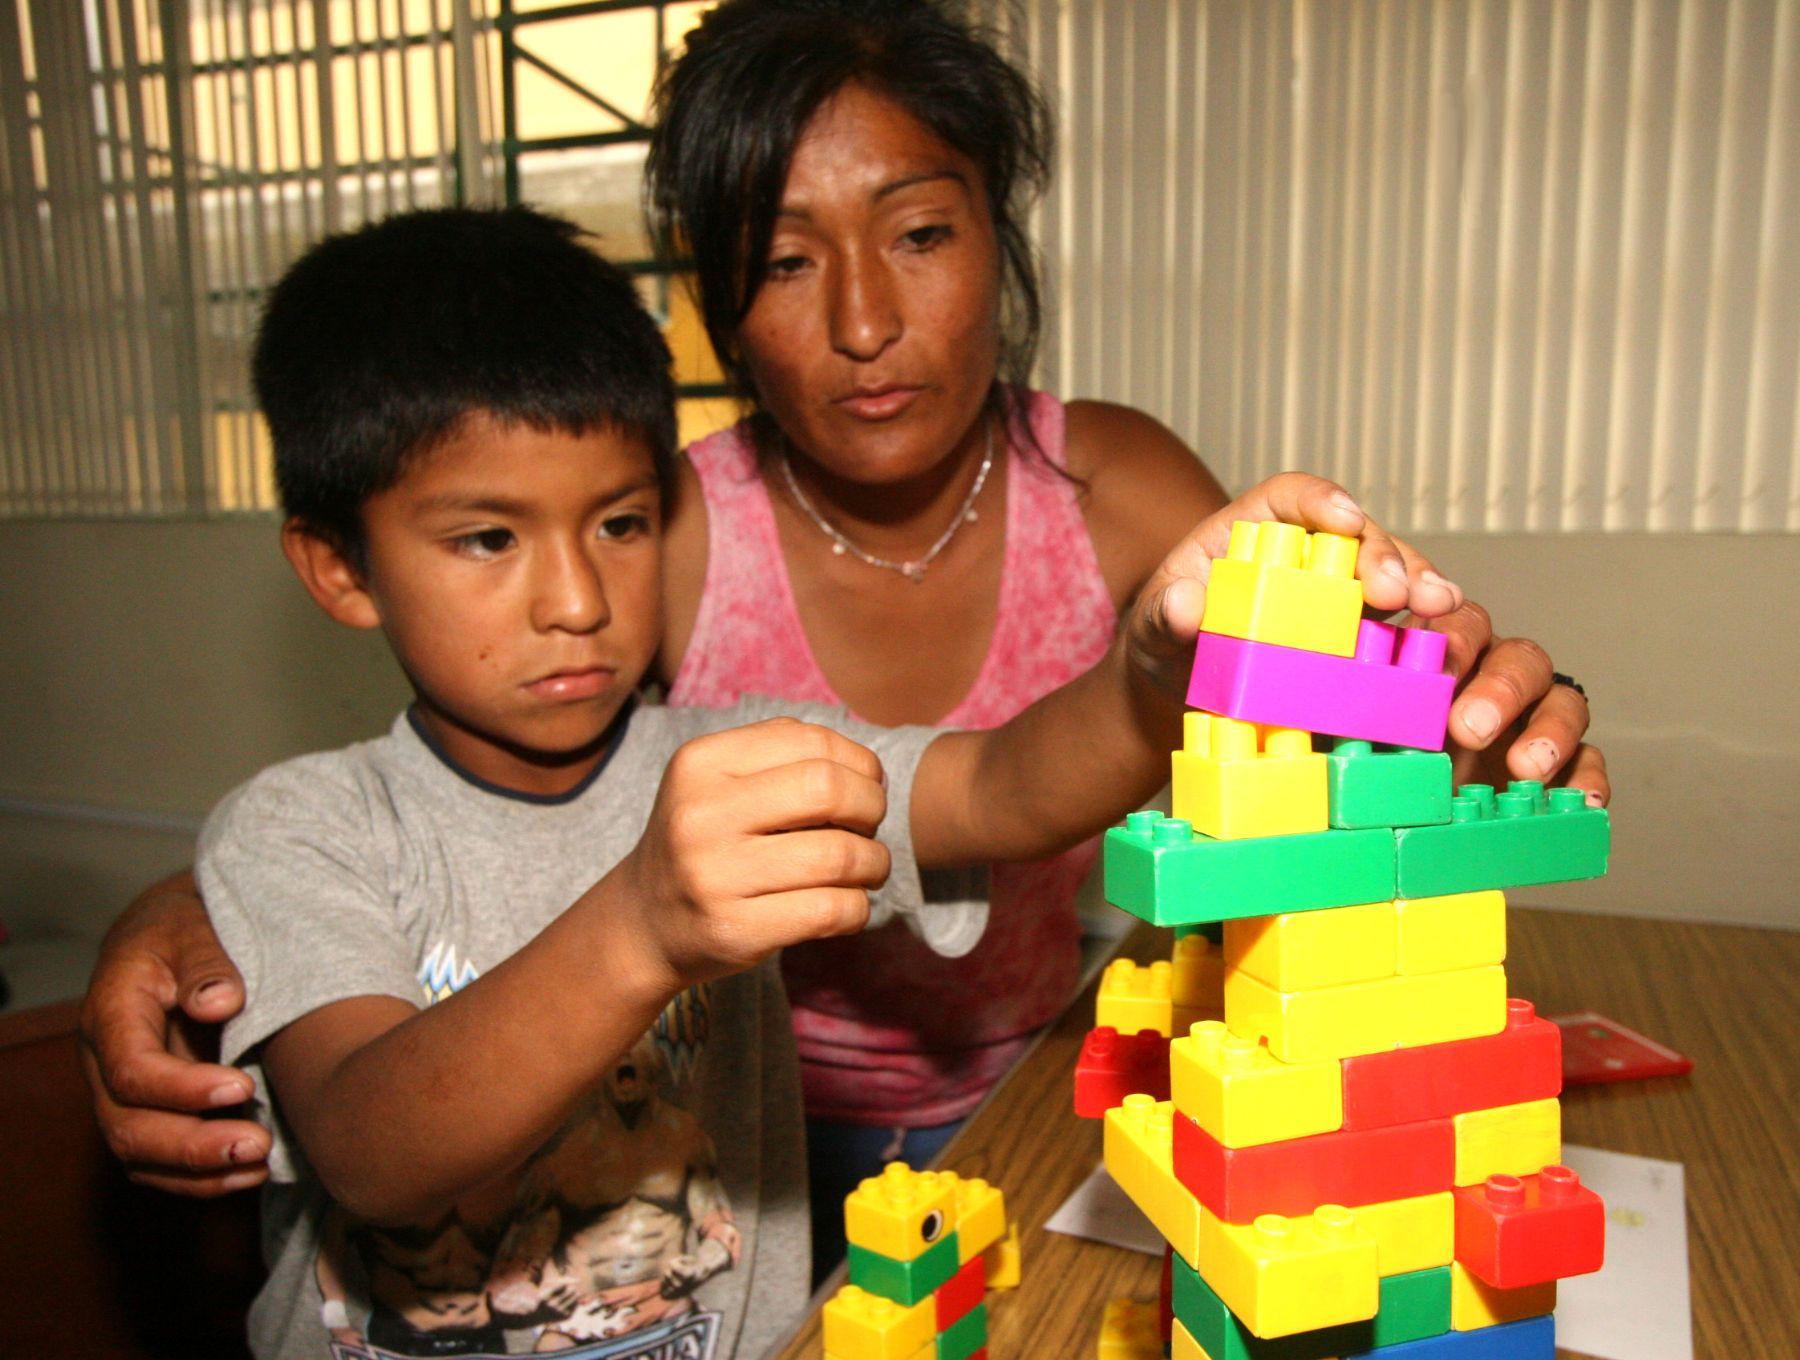 Incumplimiento de tenencia compartida podría motivar que el progenitor pierda custodia del menor. Foto: ANDINA/Archivo.